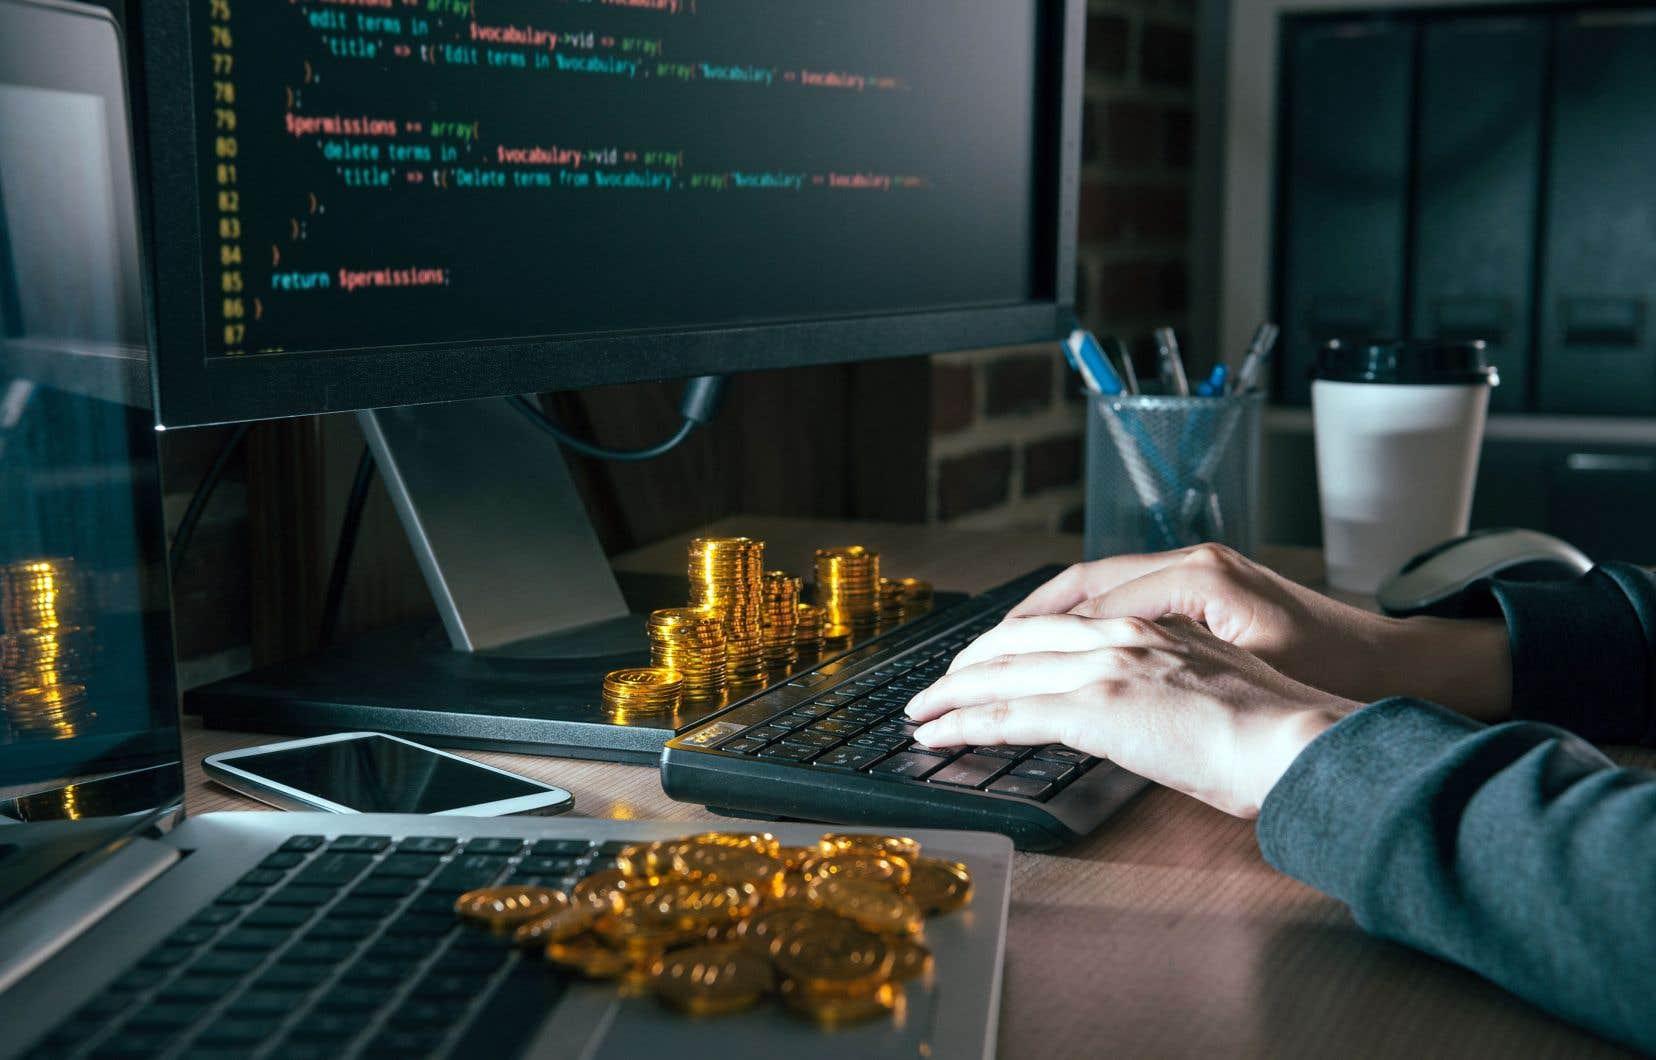 La cyberattaque intervient après que de nombreuses voix se furent élevées depuis le Forum économique international de Davos pour demander une sécurisation et une régulation des cryptomonnaies.